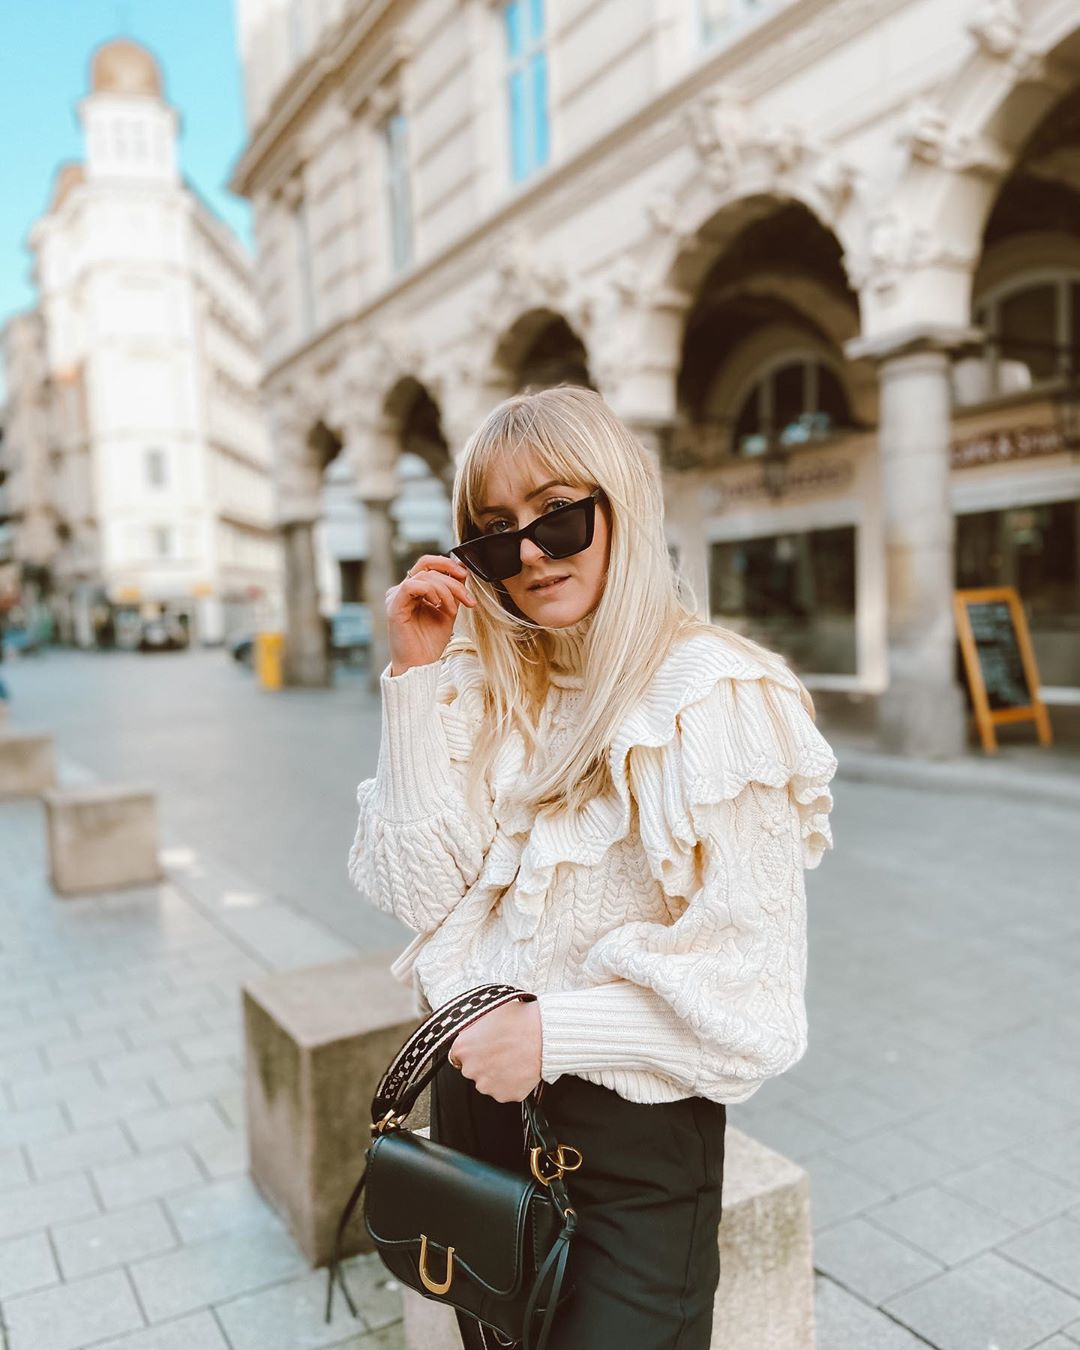 sweater with twists and ruffles de Zara sur finjasophiie sur SCANDALOOK